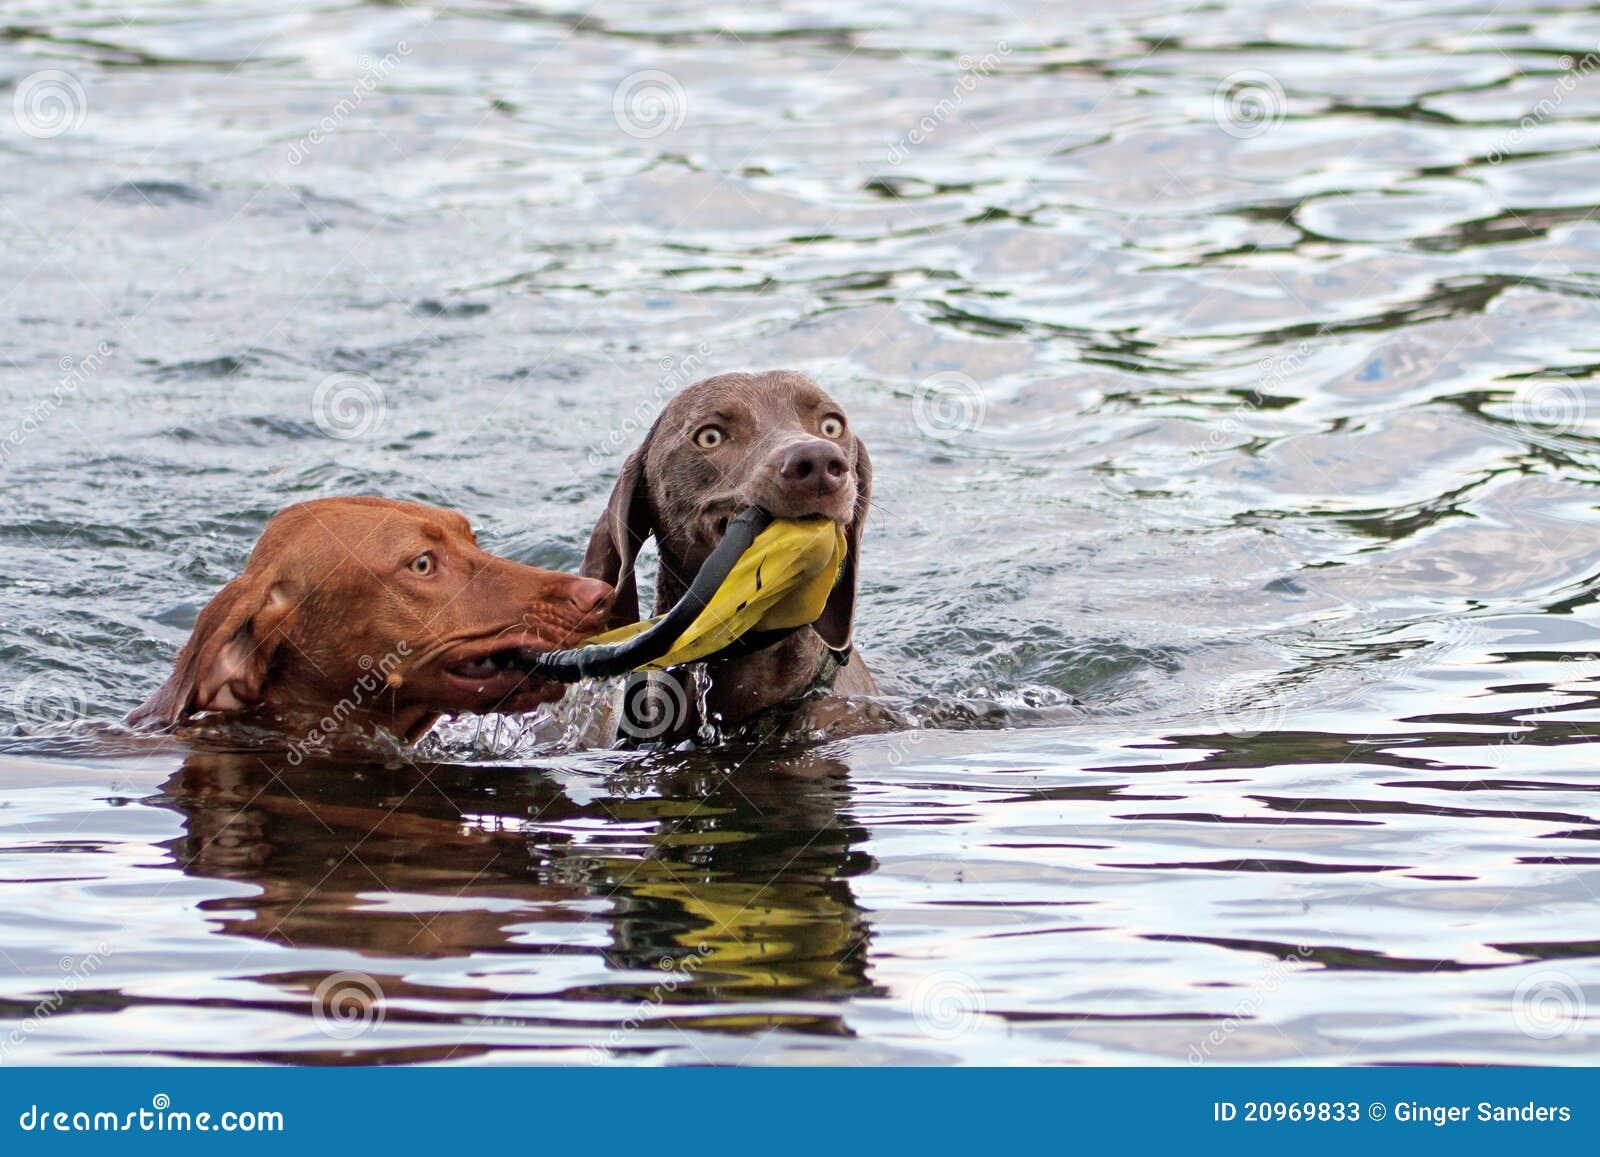 共享玩具二水的狗